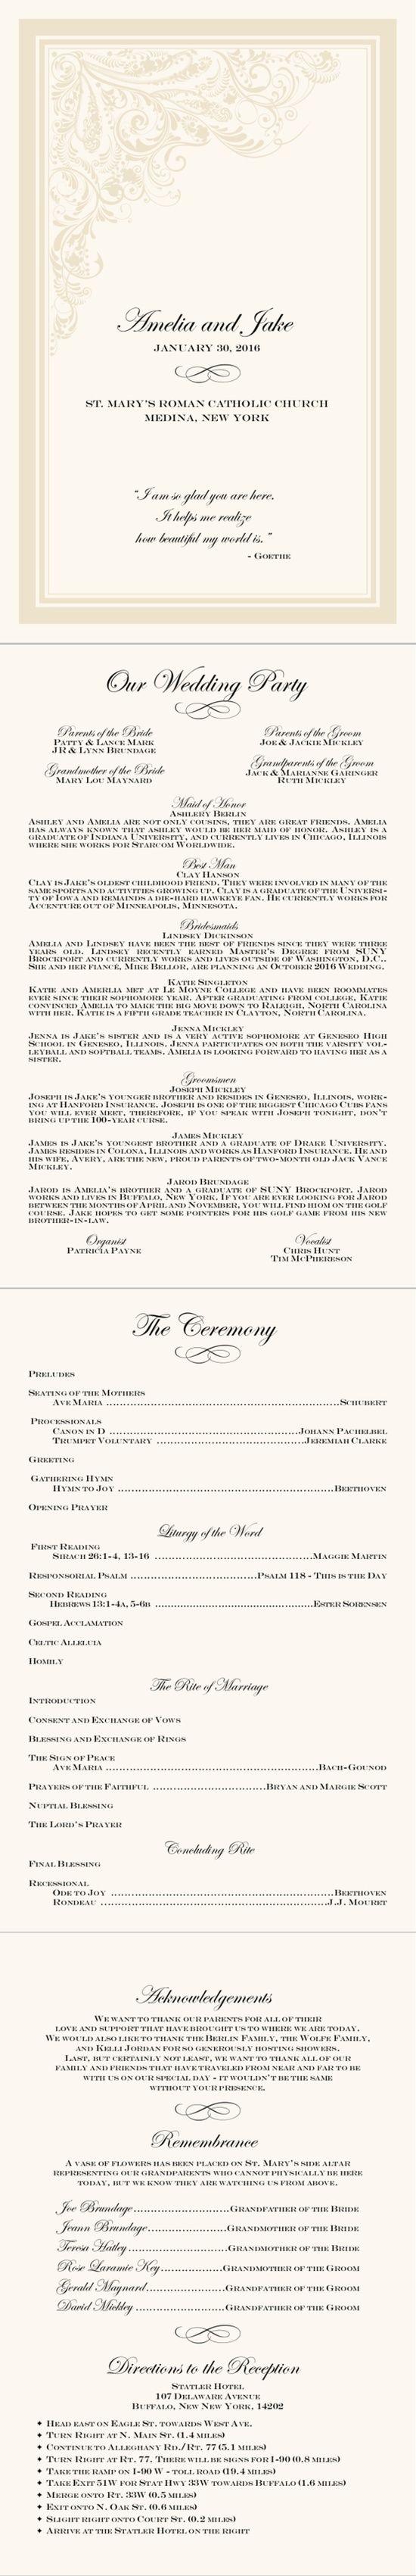 Catholic wedding ceremony layout